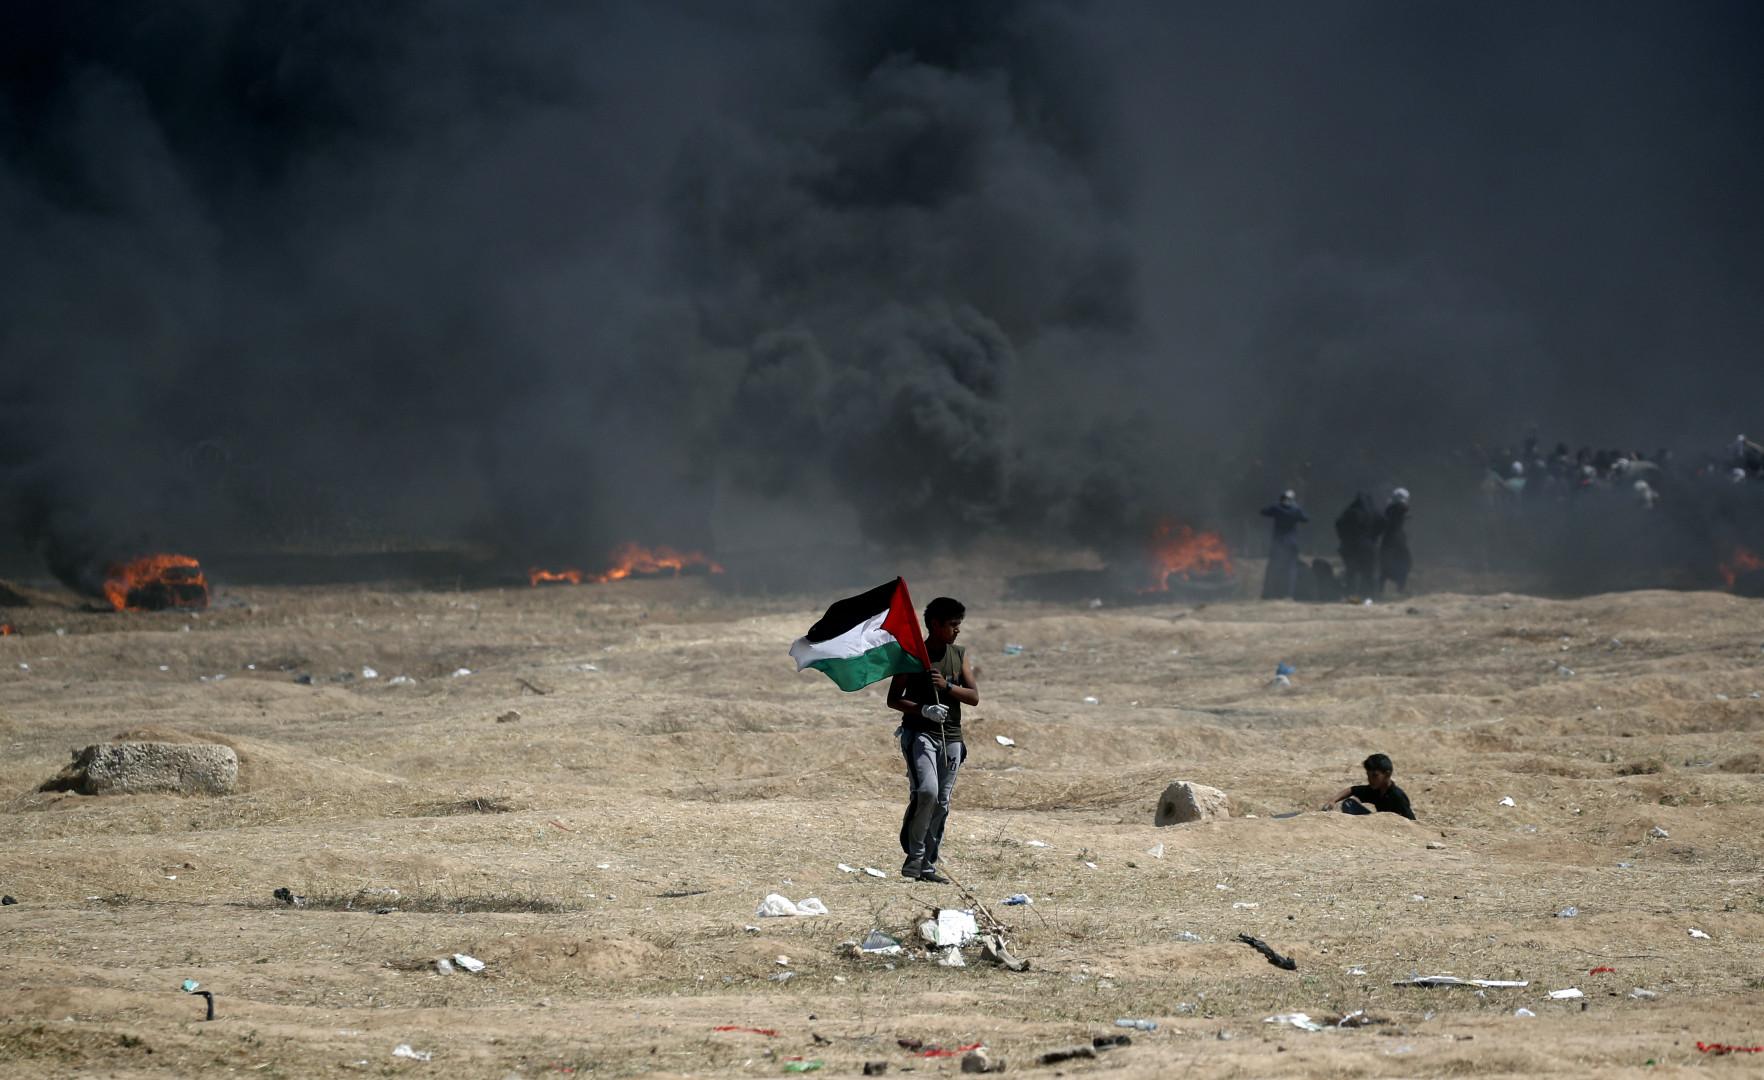 Un homme porte un drapeau palestinien pendant les heurts entre l'armée israélienne et les manifestants gazaouis lundi 14 mai